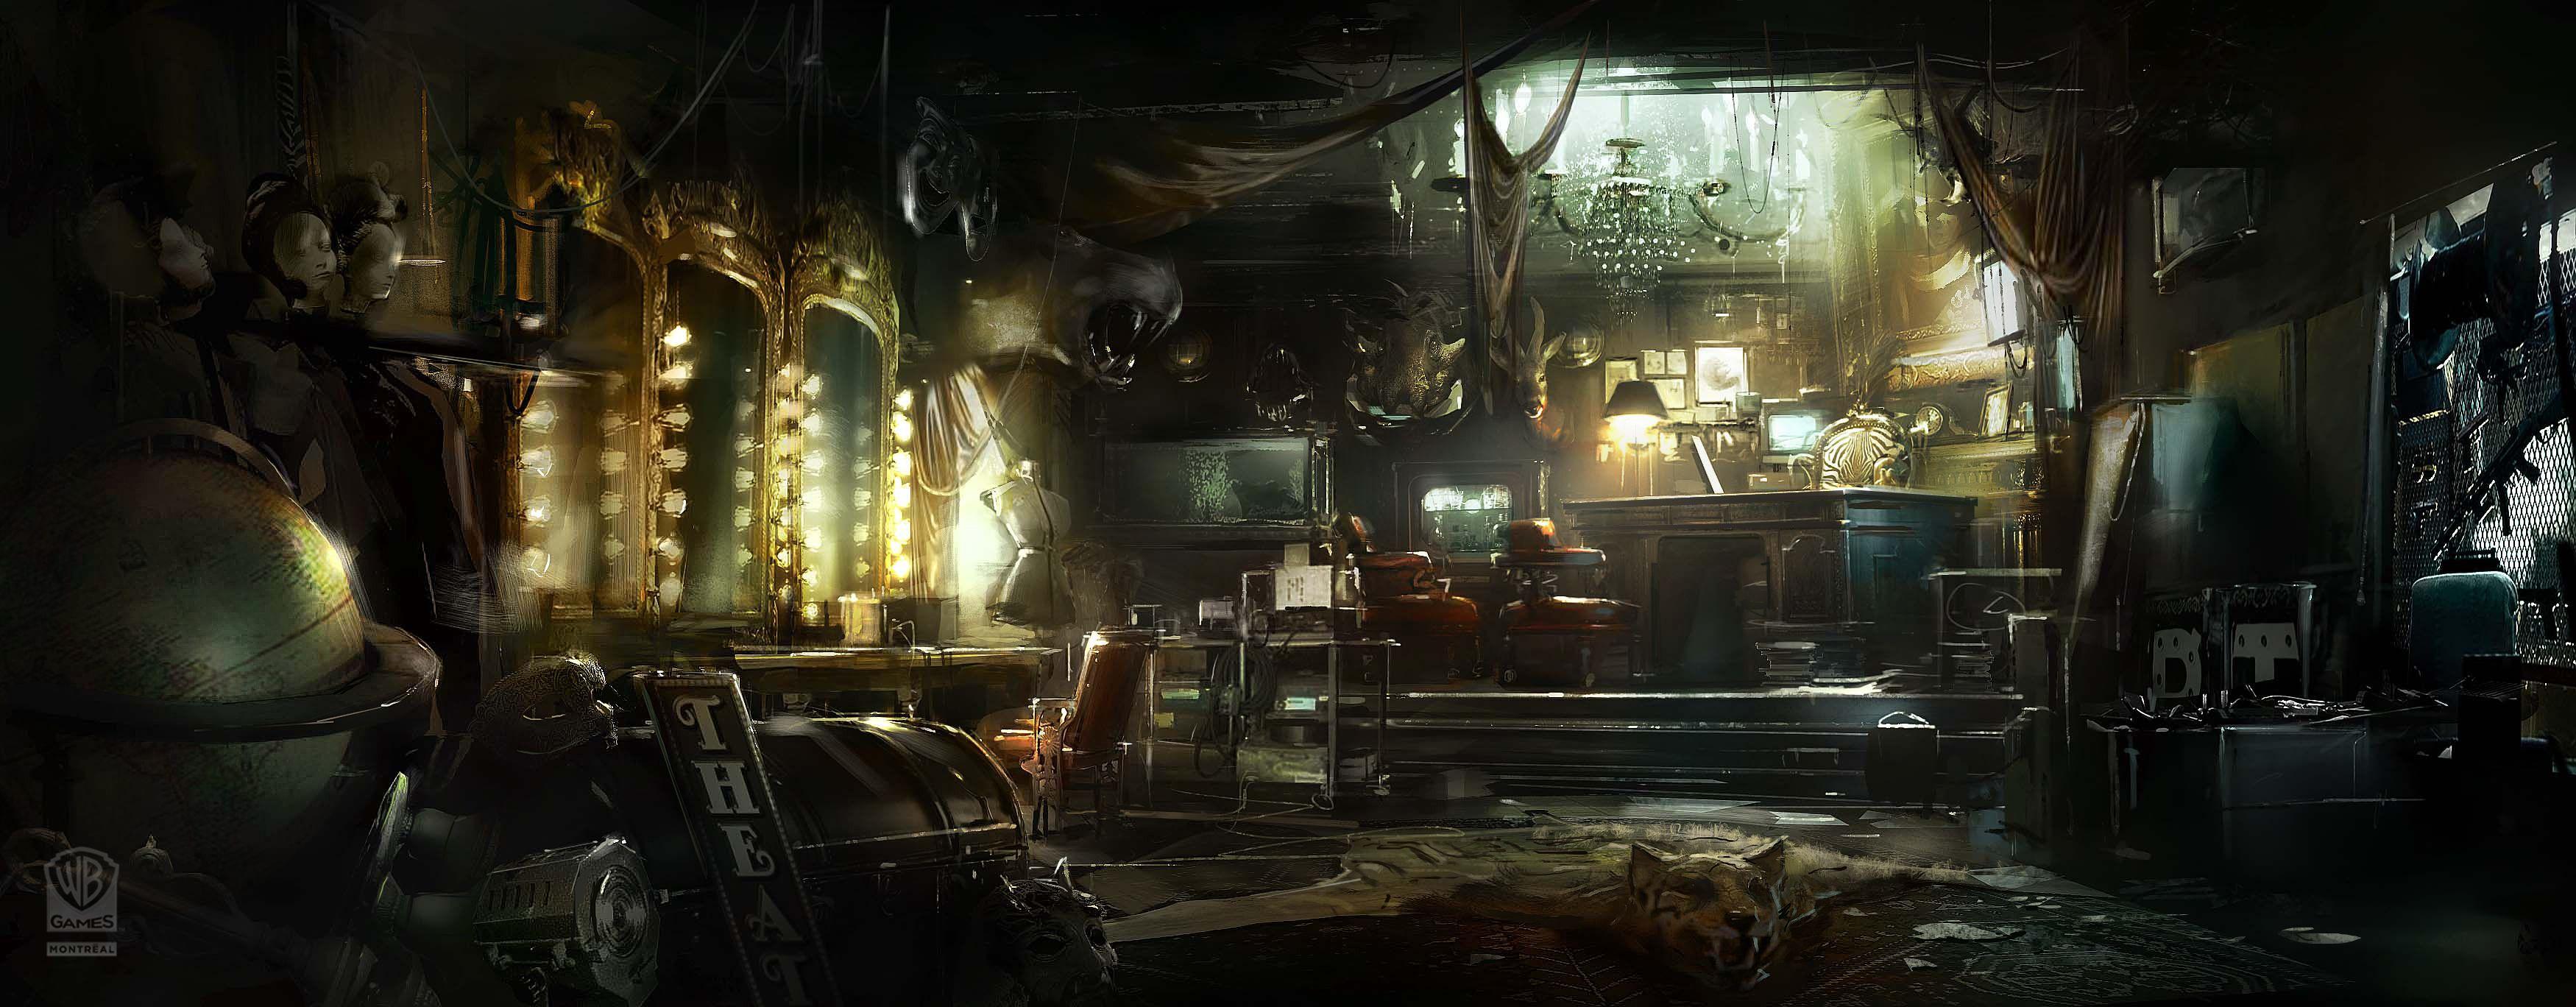 Wallpaper Ready Batman Arkham Origins Concept Art Fantasy